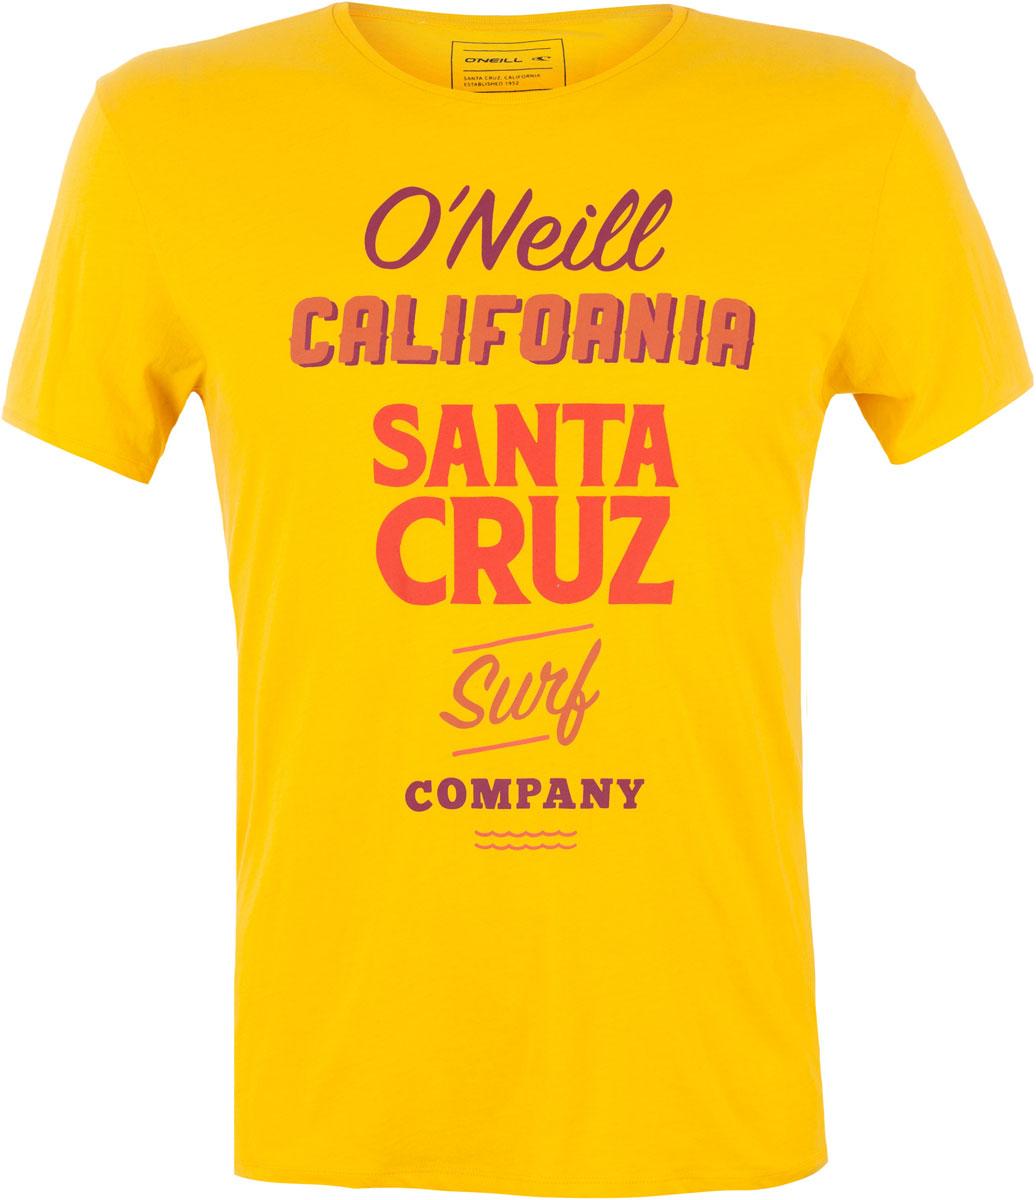 Футболка мужская ONeill Lm Logo Art T-Shirt, цвет: желтый. 7A3660-2046. Размер L (50/52)7A3660-2046Футболка мужская ONeill выполнена из 100% хлопка. Модель имеет стандартный крой, короткий рукав и круглый вырез горловины. Футболка дополнена надписями.